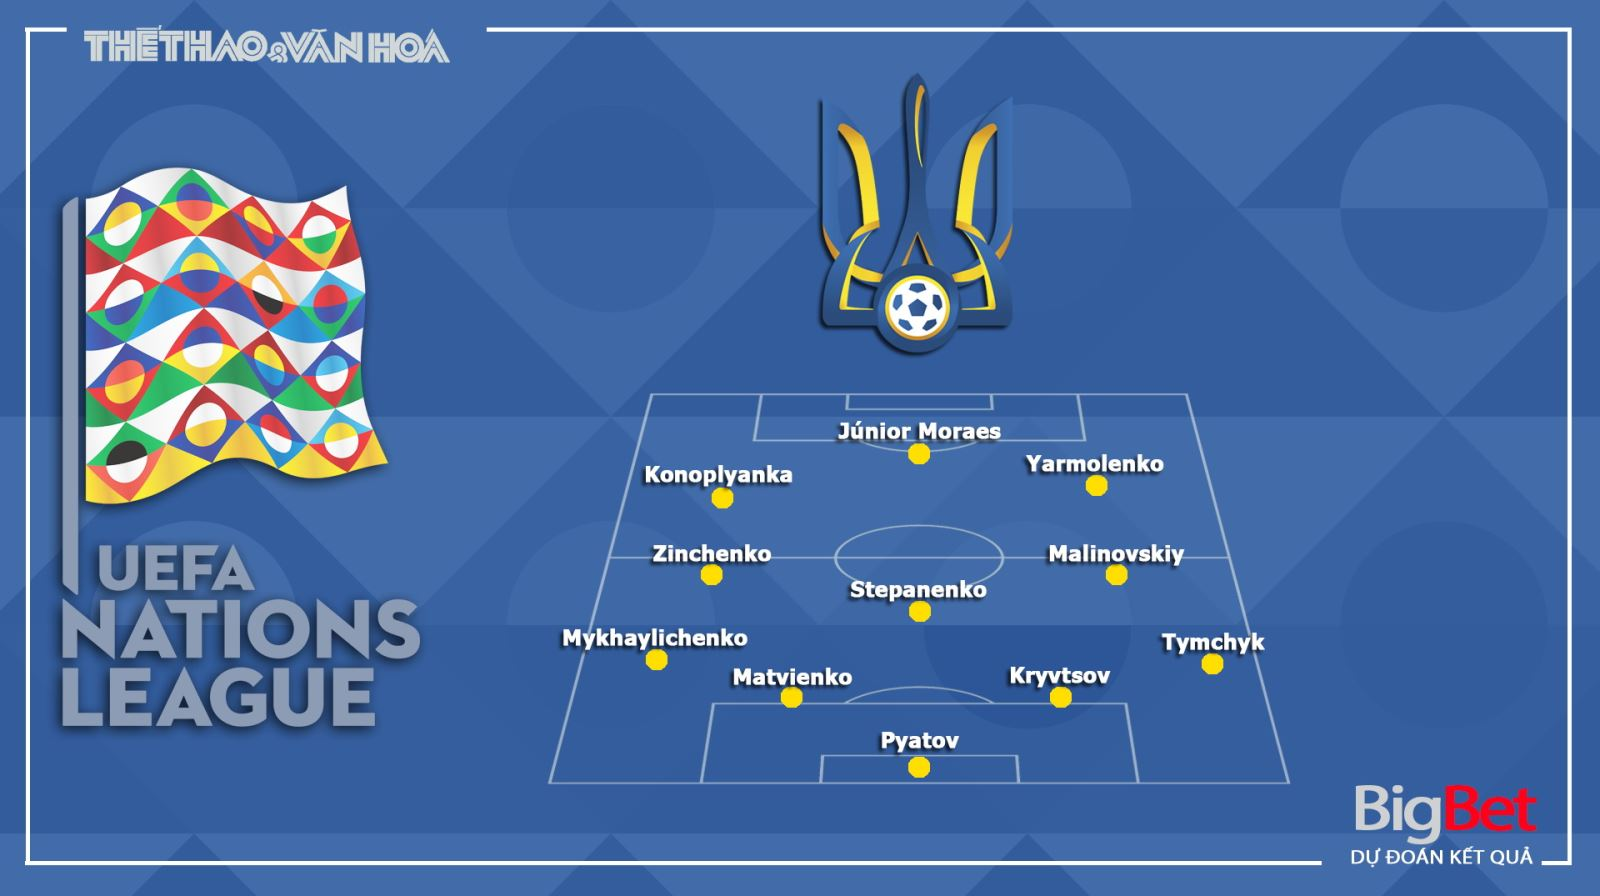 Tây Ban Nha vs Ukraine, Tây Ban Nha, Ukraine, soi kèo Tây Ban Nha vs Ukraine, nhận định Tây Ban Nha vs Ukraine, dự đoán, kèo bóng đá, kèo thơm